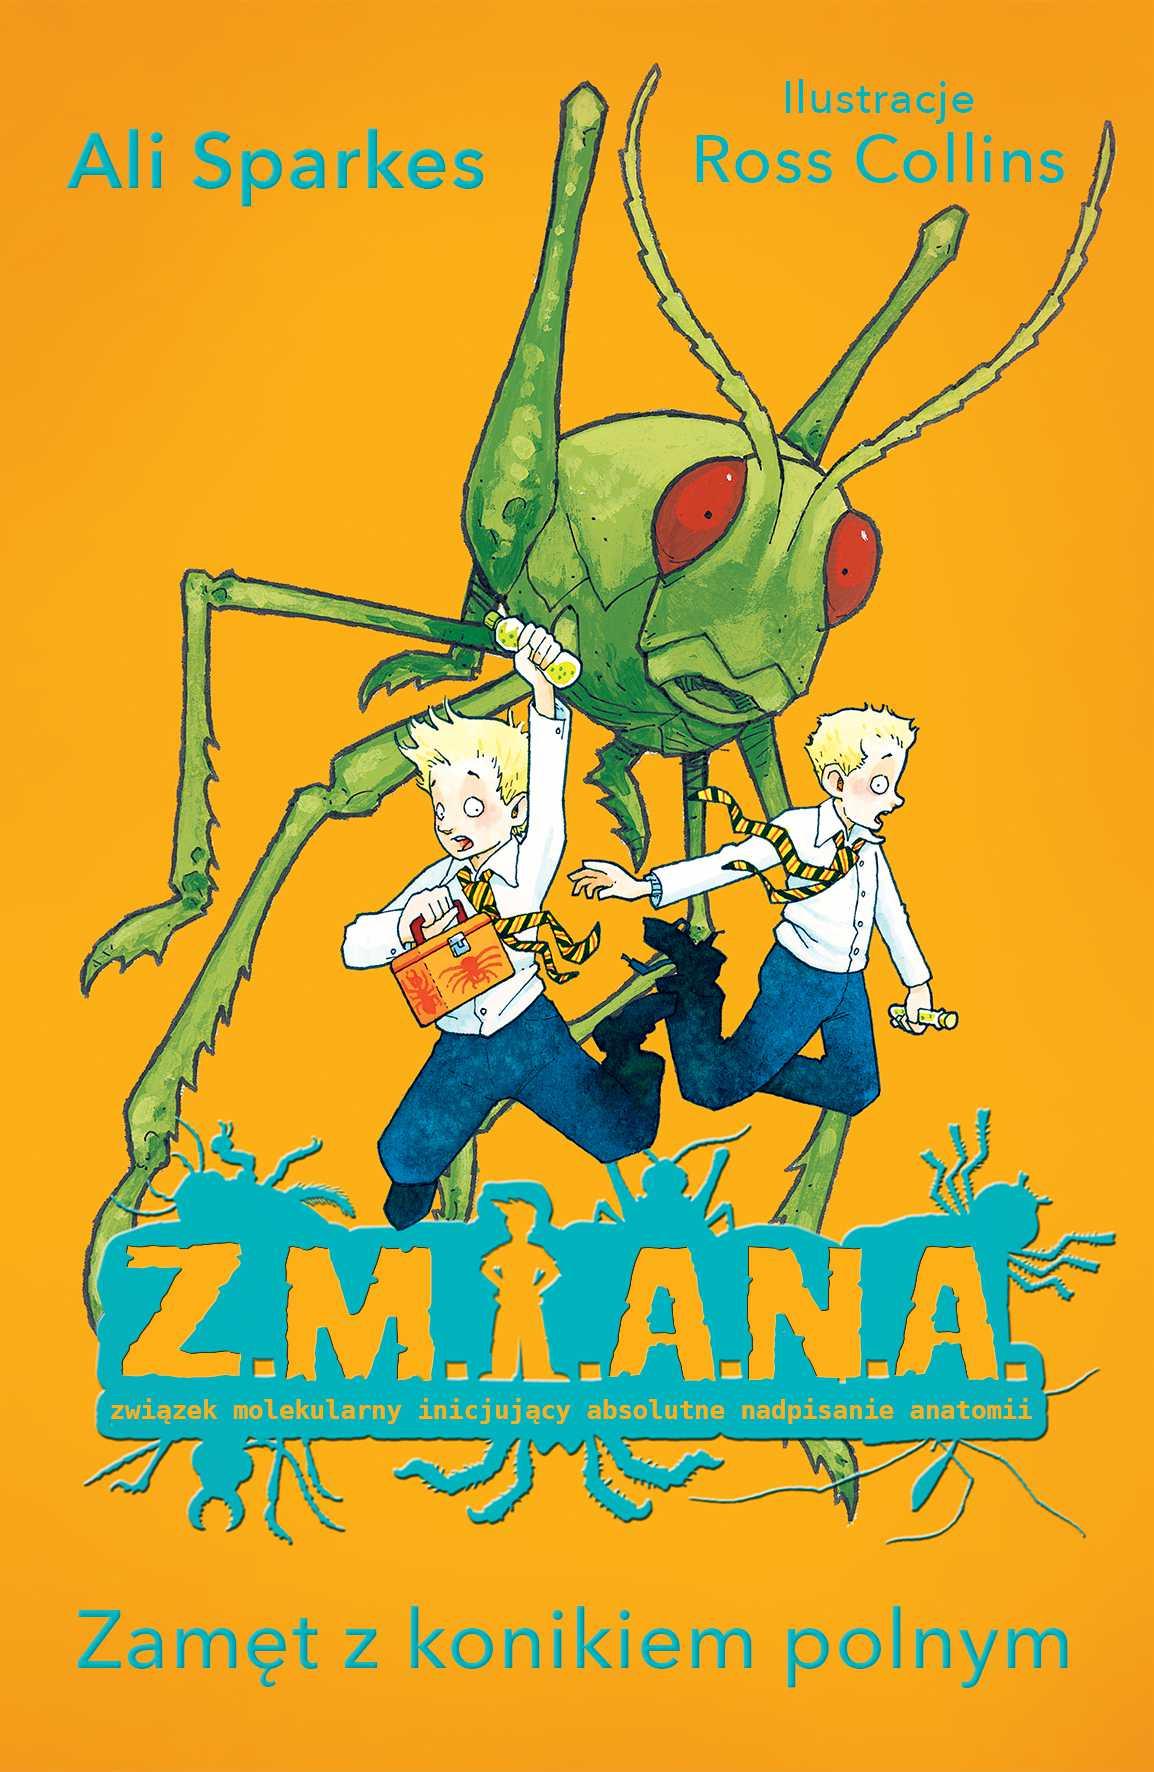 Z.M.I.A.N.A. Zamęt z konikiem polnym - Ebook (Książka EPUB) do pobrania w formacie EPUB